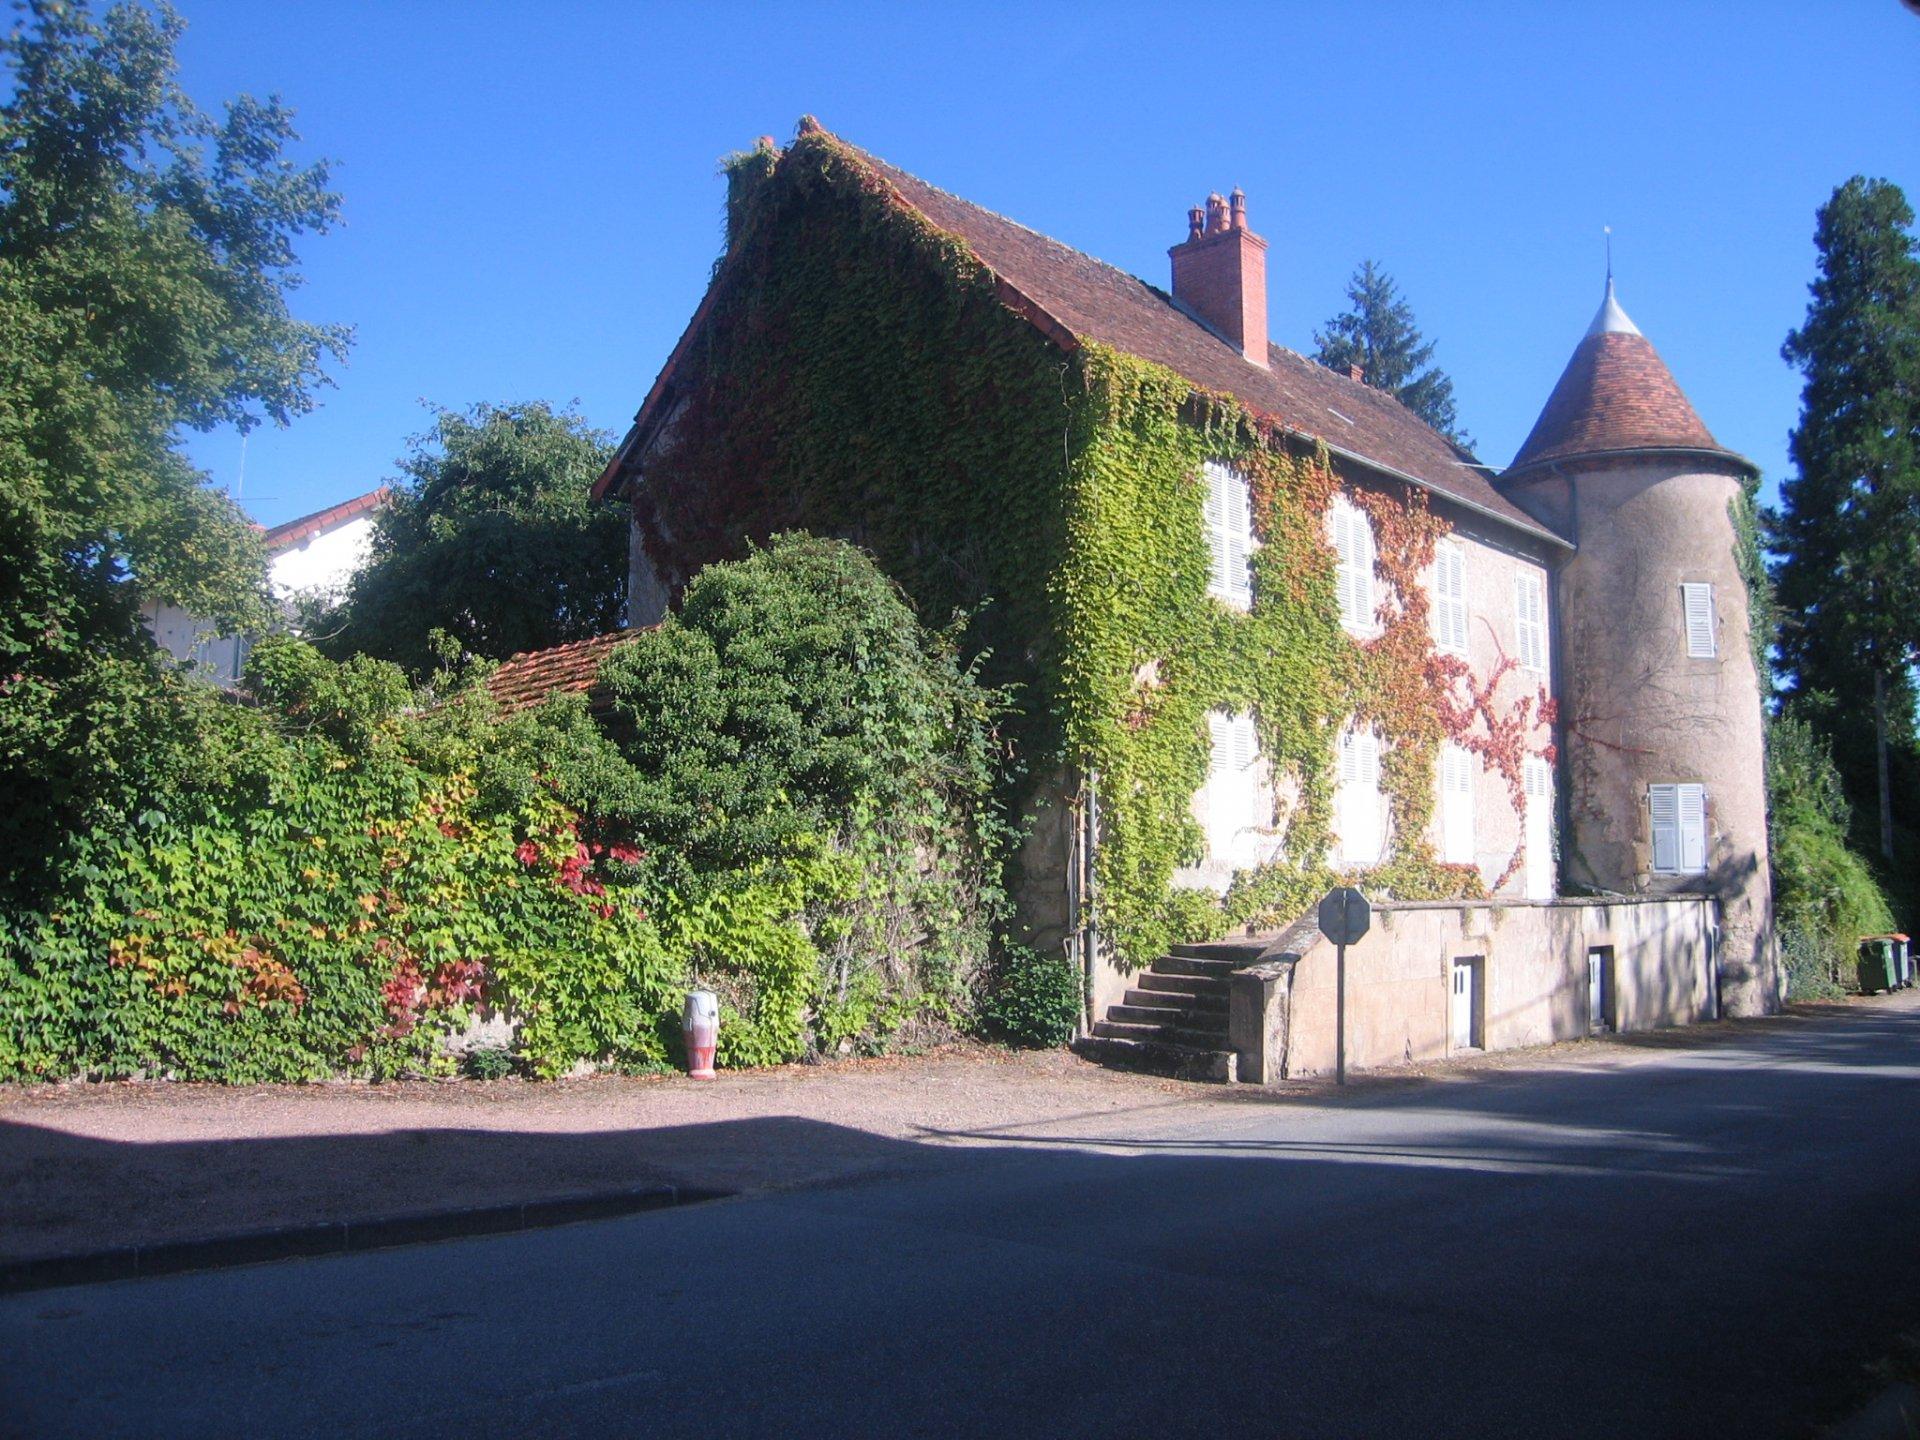 Castle in the Allier for sale origin 15th century.